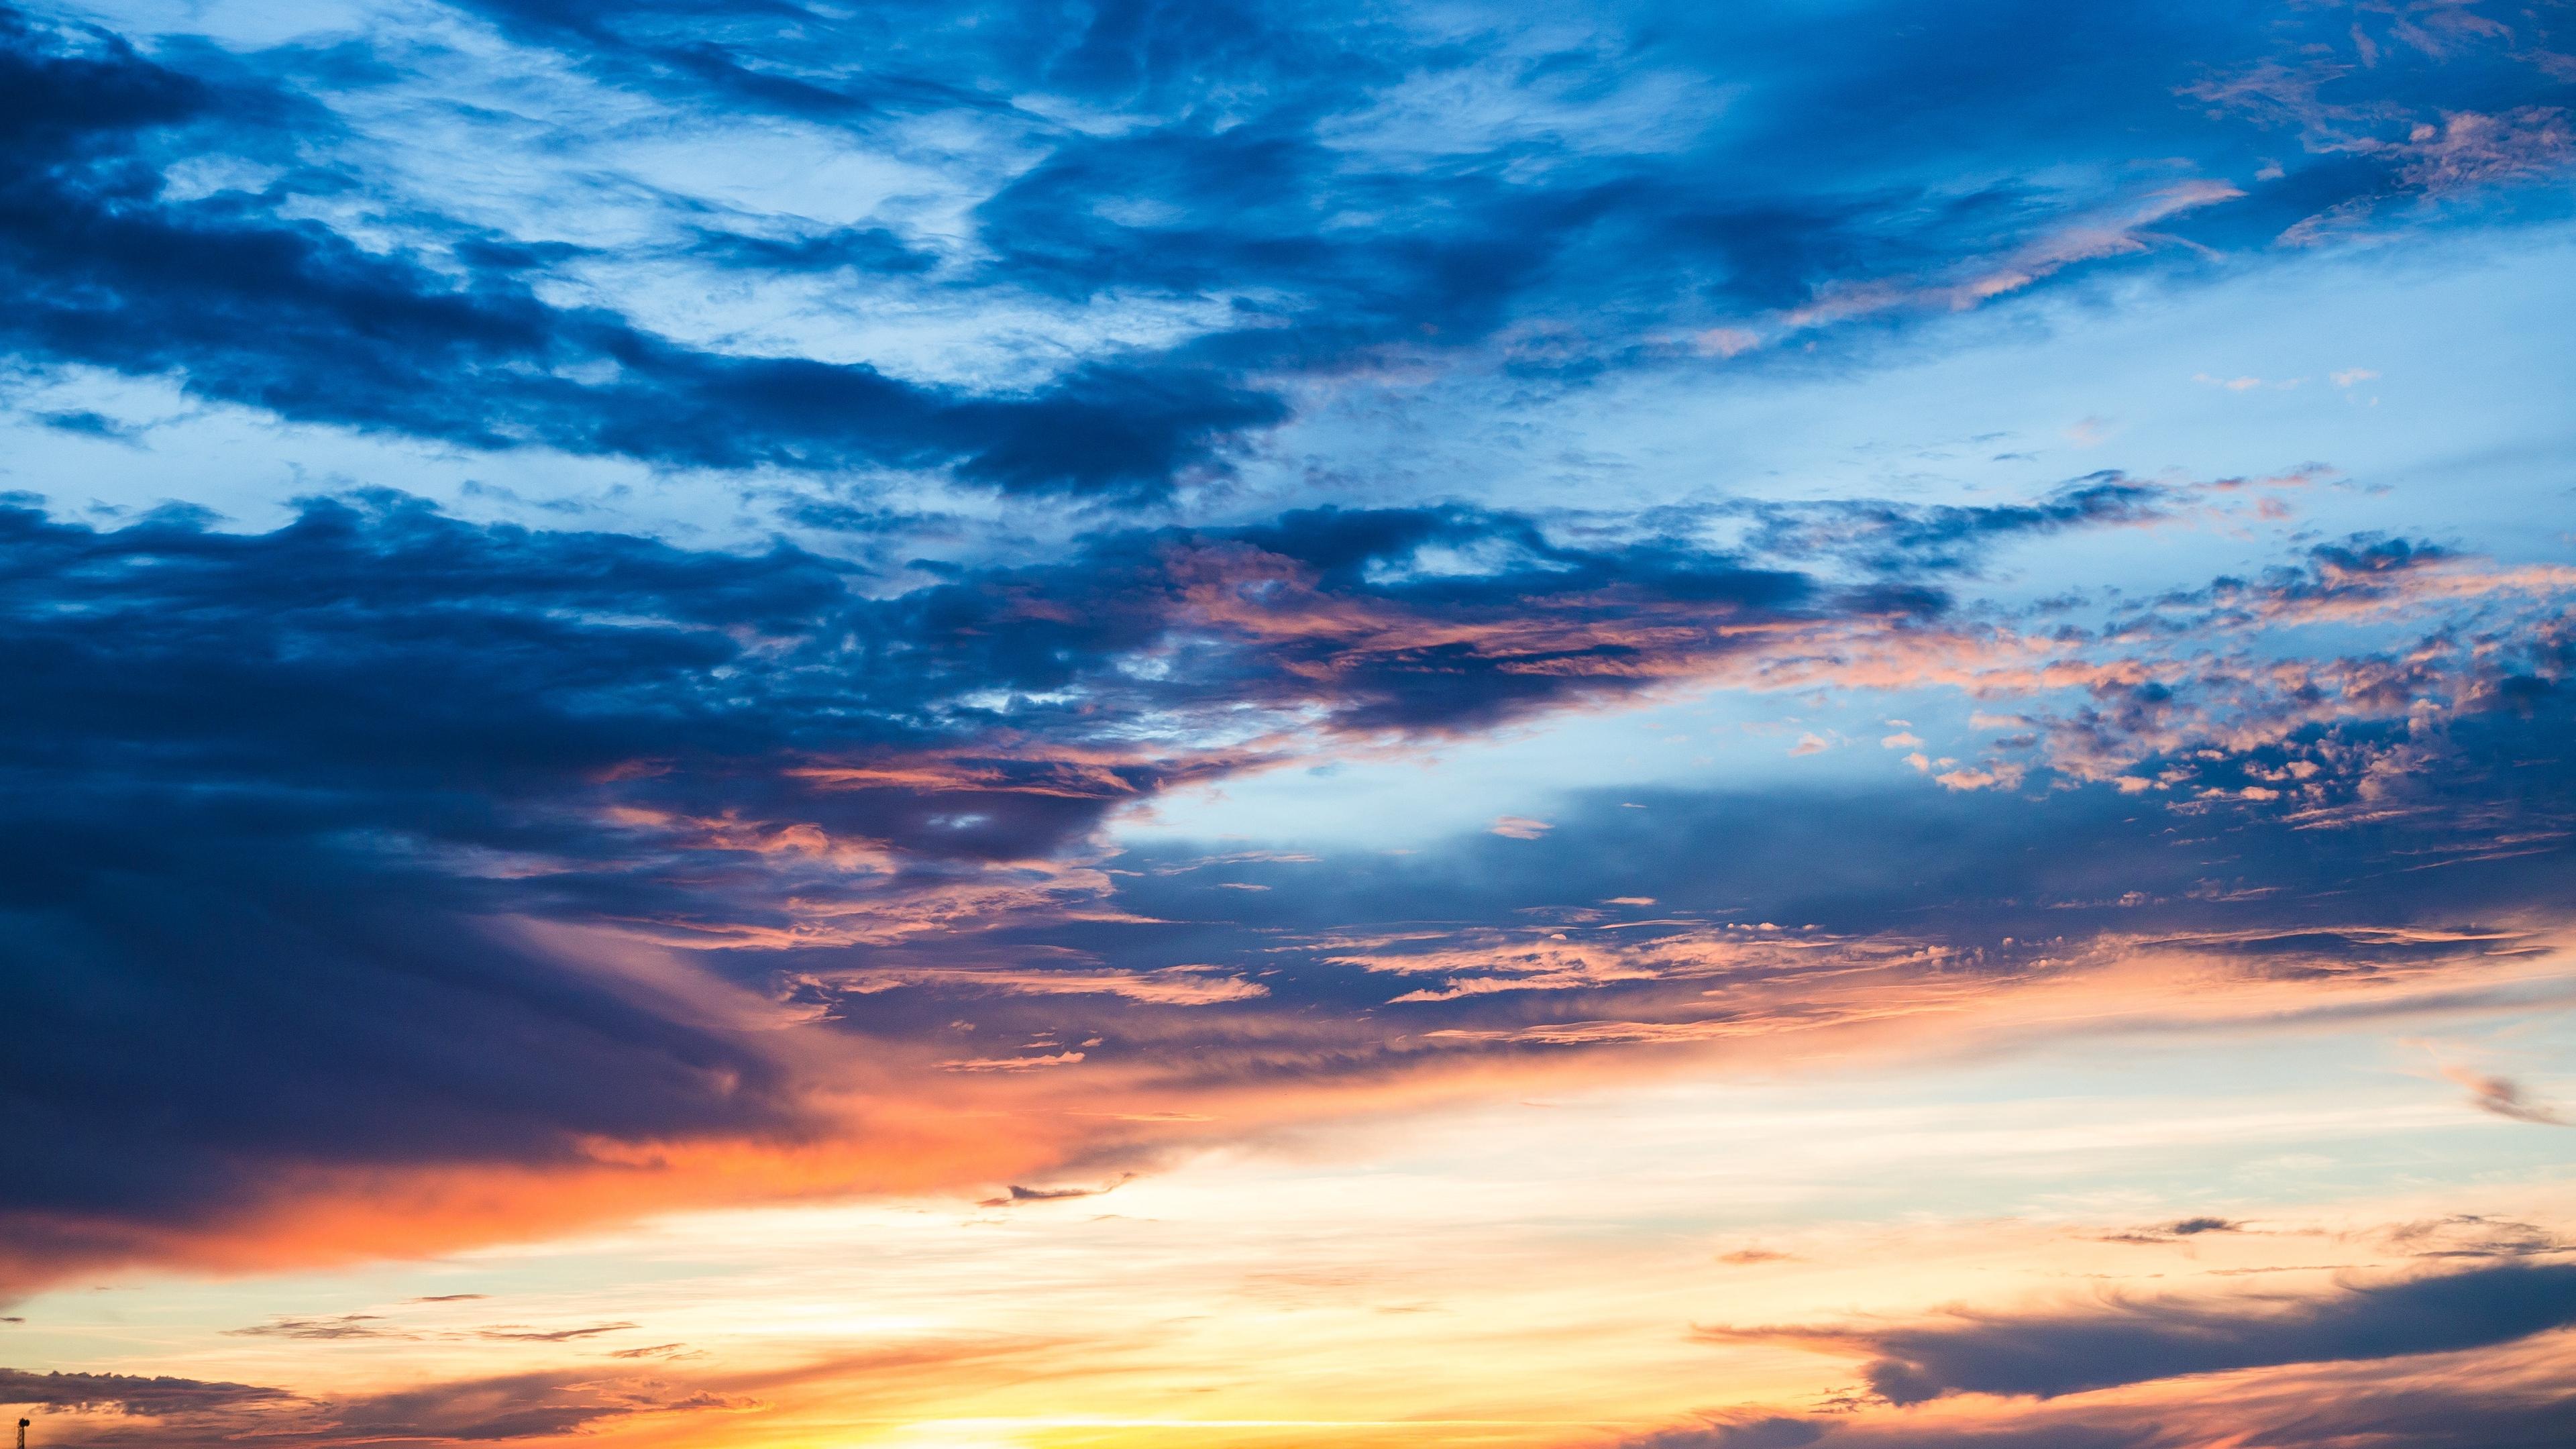 clouds sunset sky 4k 1541117838 - clouds, sunset, sky 4k - sunset, Sky, Clouds